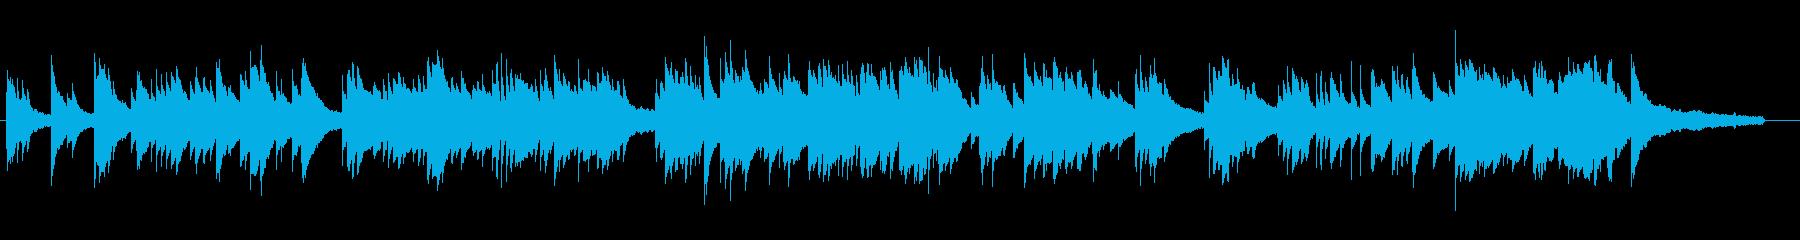 落ち着いたピアノソロ曲ですの再生済みの波形